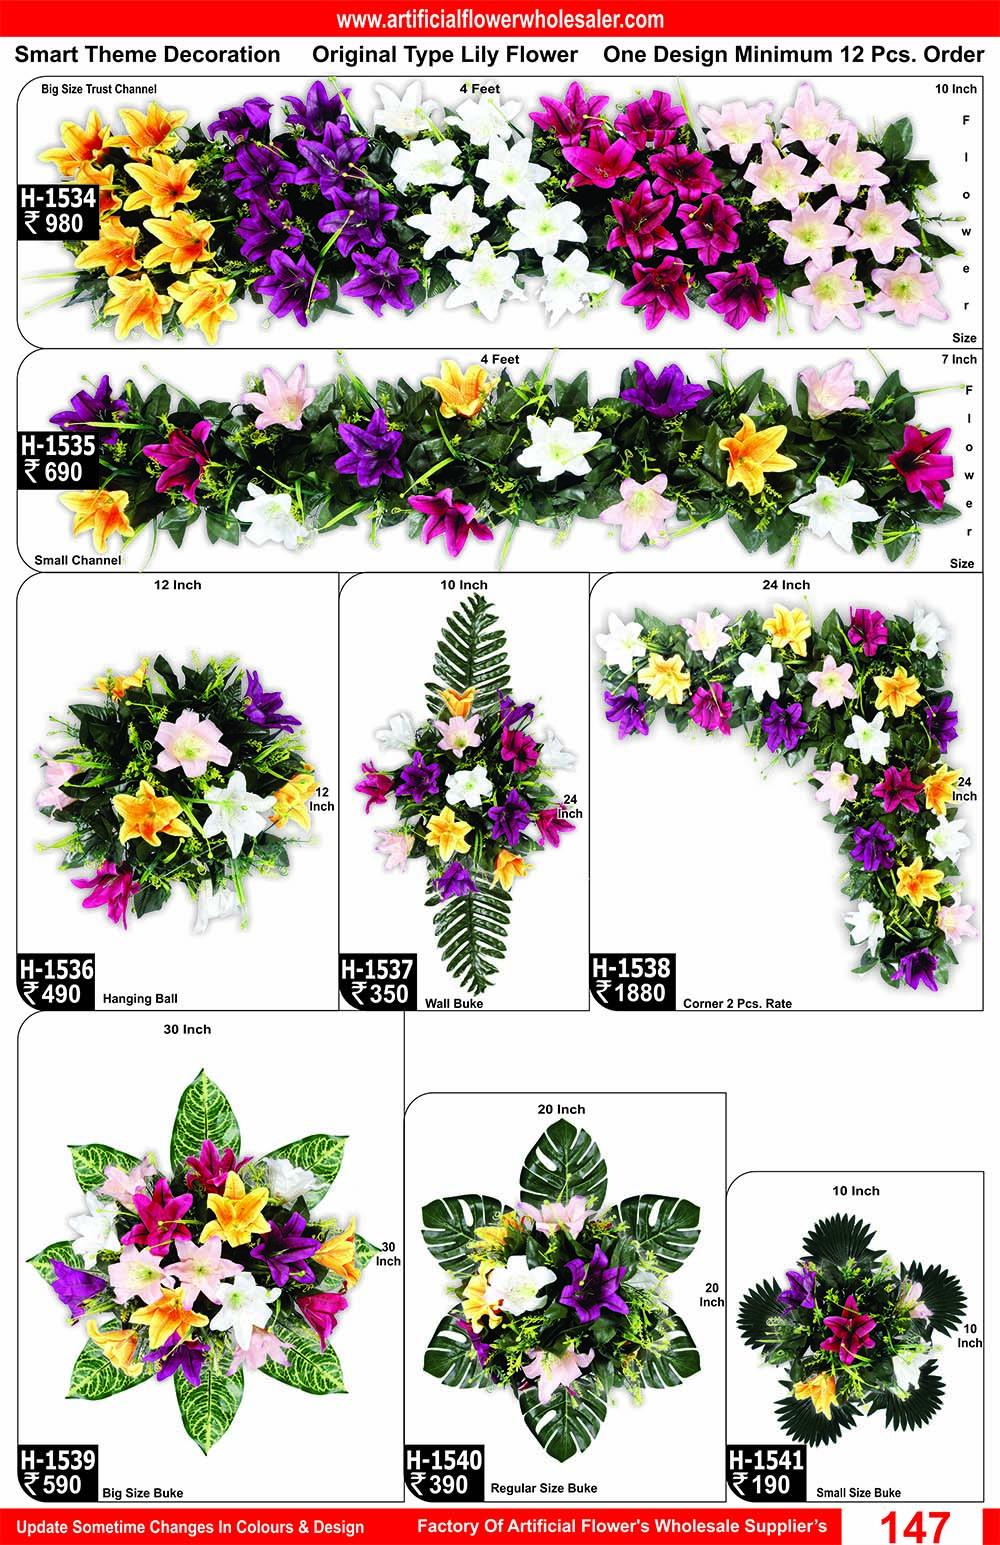 147-artificial-flower-wholesaler